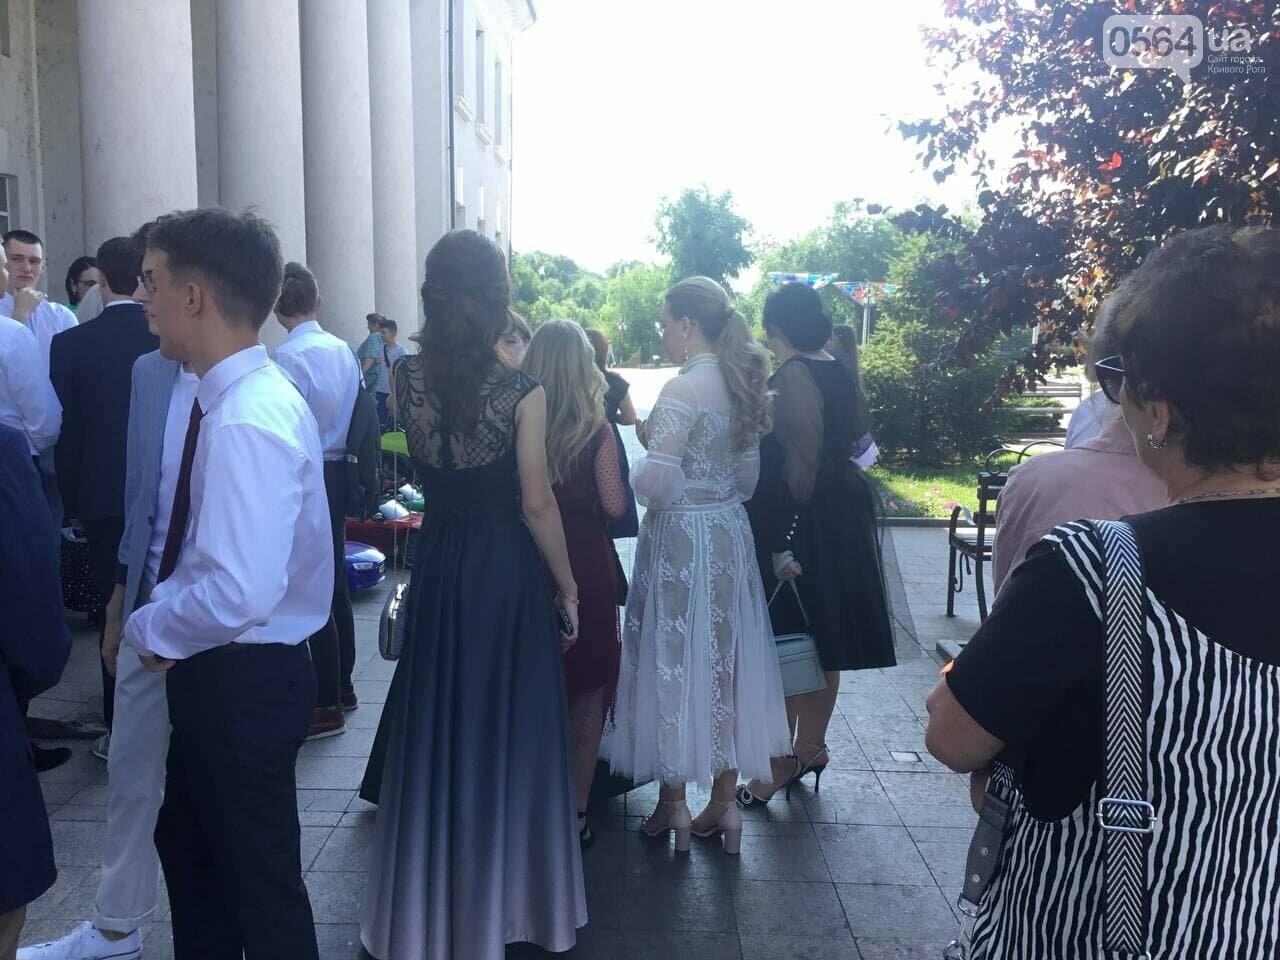 В Кривом Роге 3667 выпускников сегодня прощаются со своими alma mater, - ФОТО, фото-9